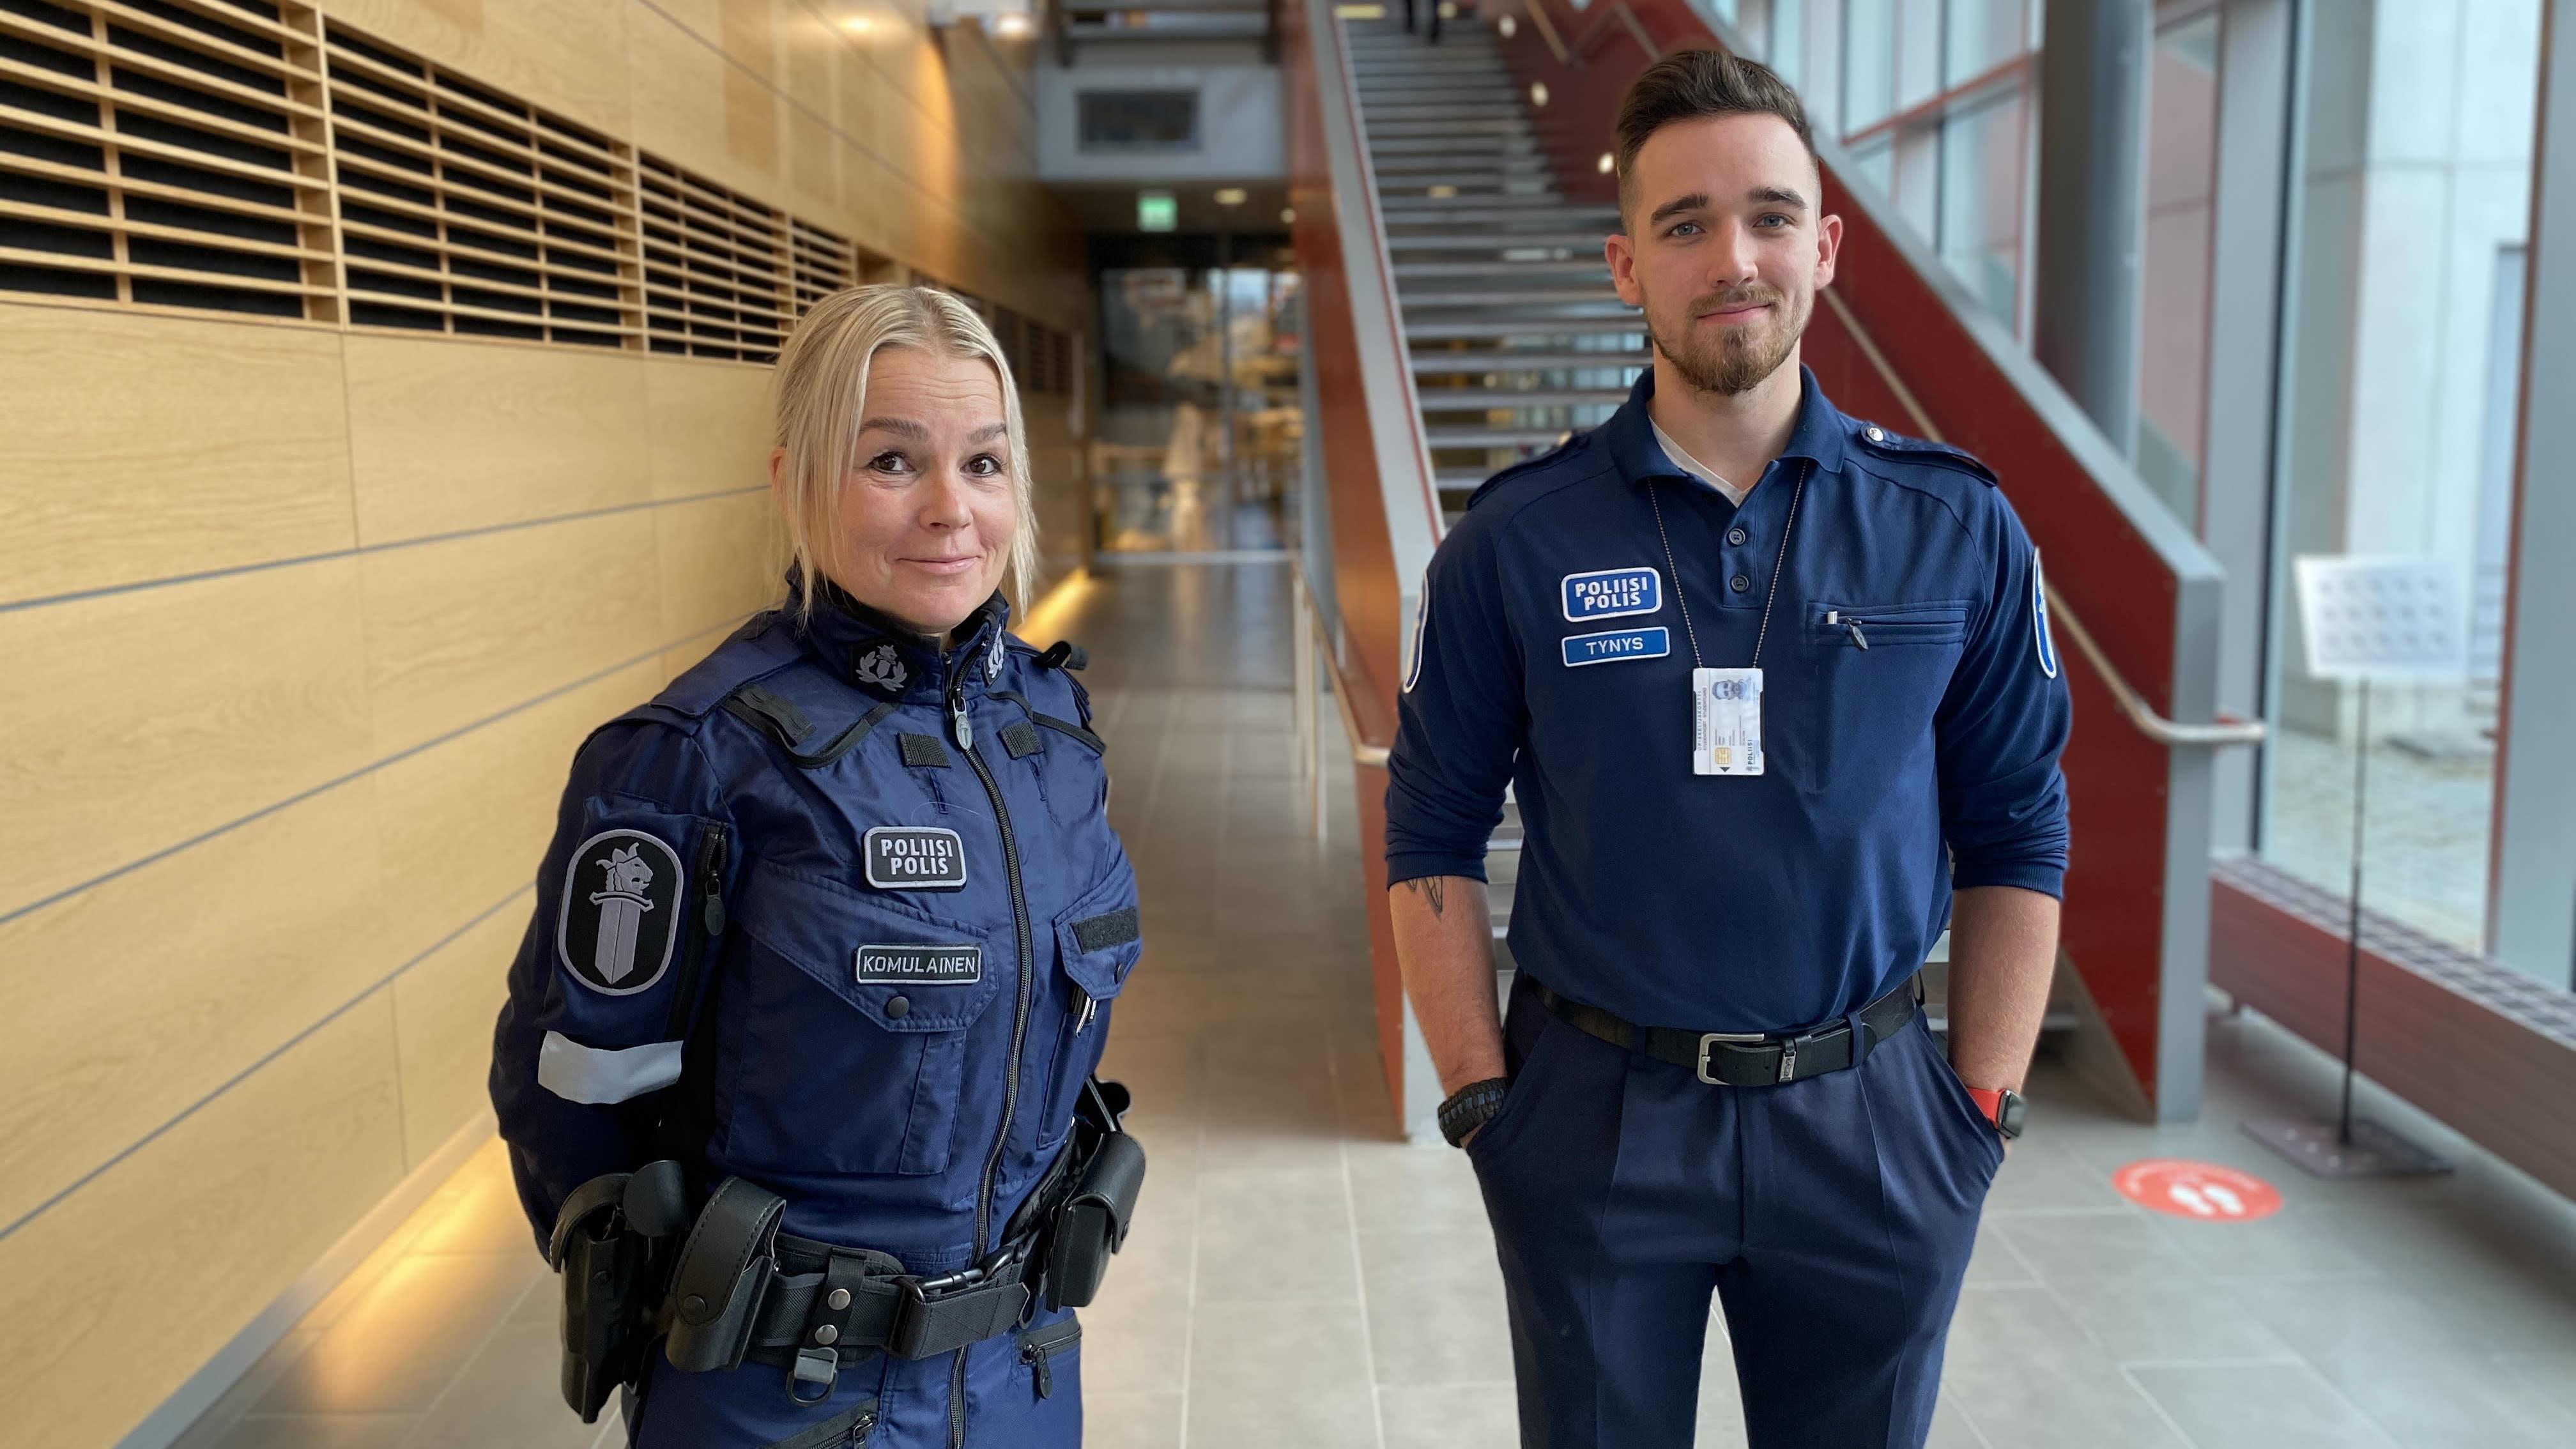 Poliisiammattikorkeakoulun 2. vuoden opiskelijat Heta Komulainen ja Valtteri Tynys.